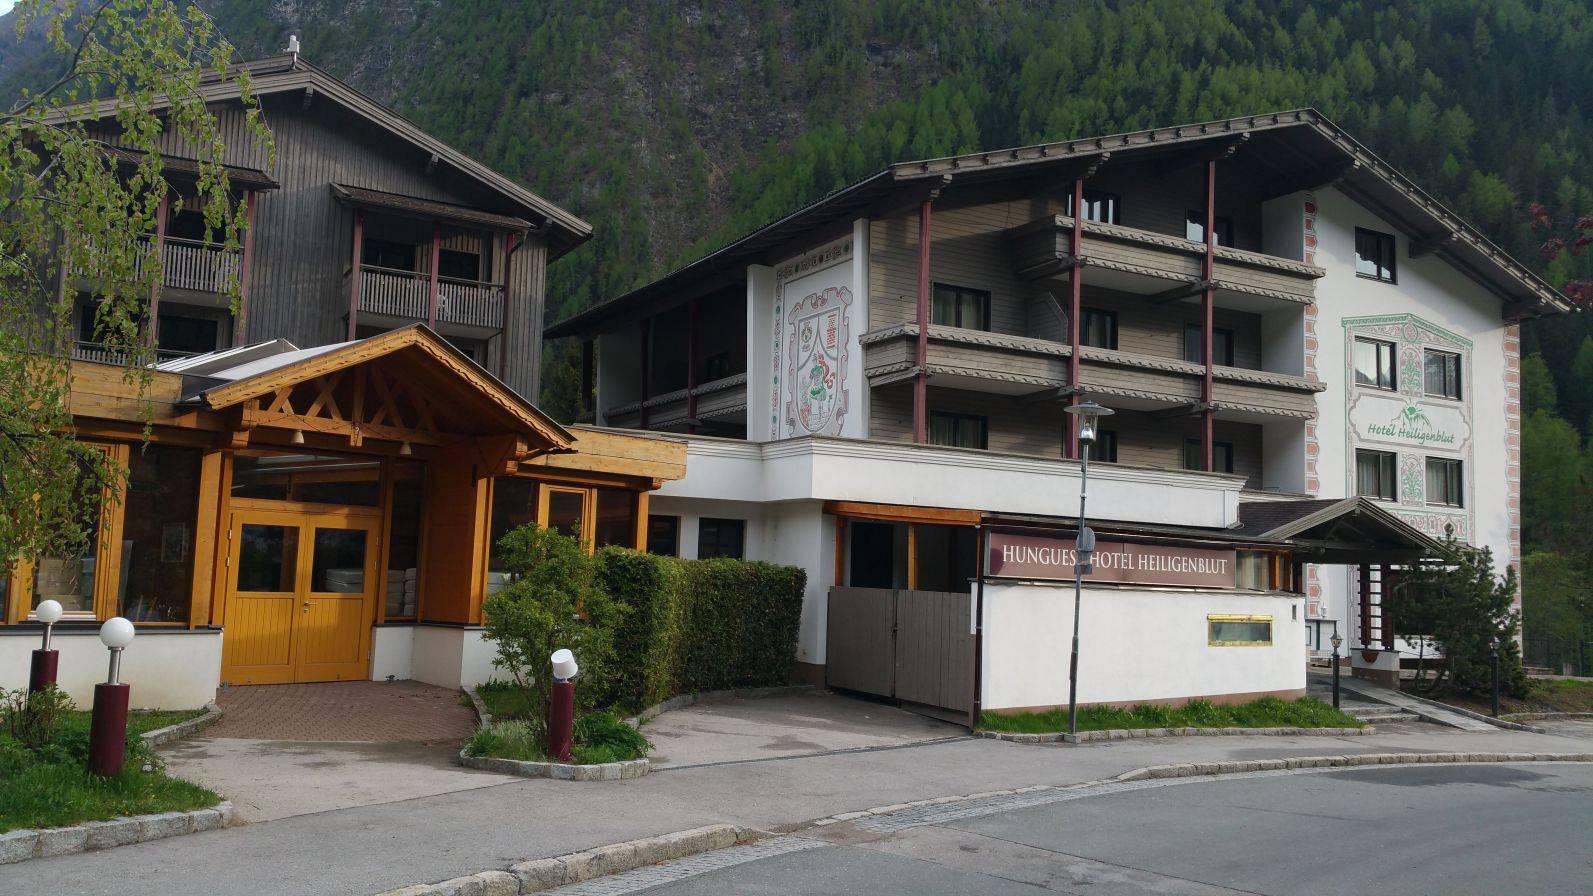 Ausztria - Hotel Heiligenblut elektromos kivitelezése